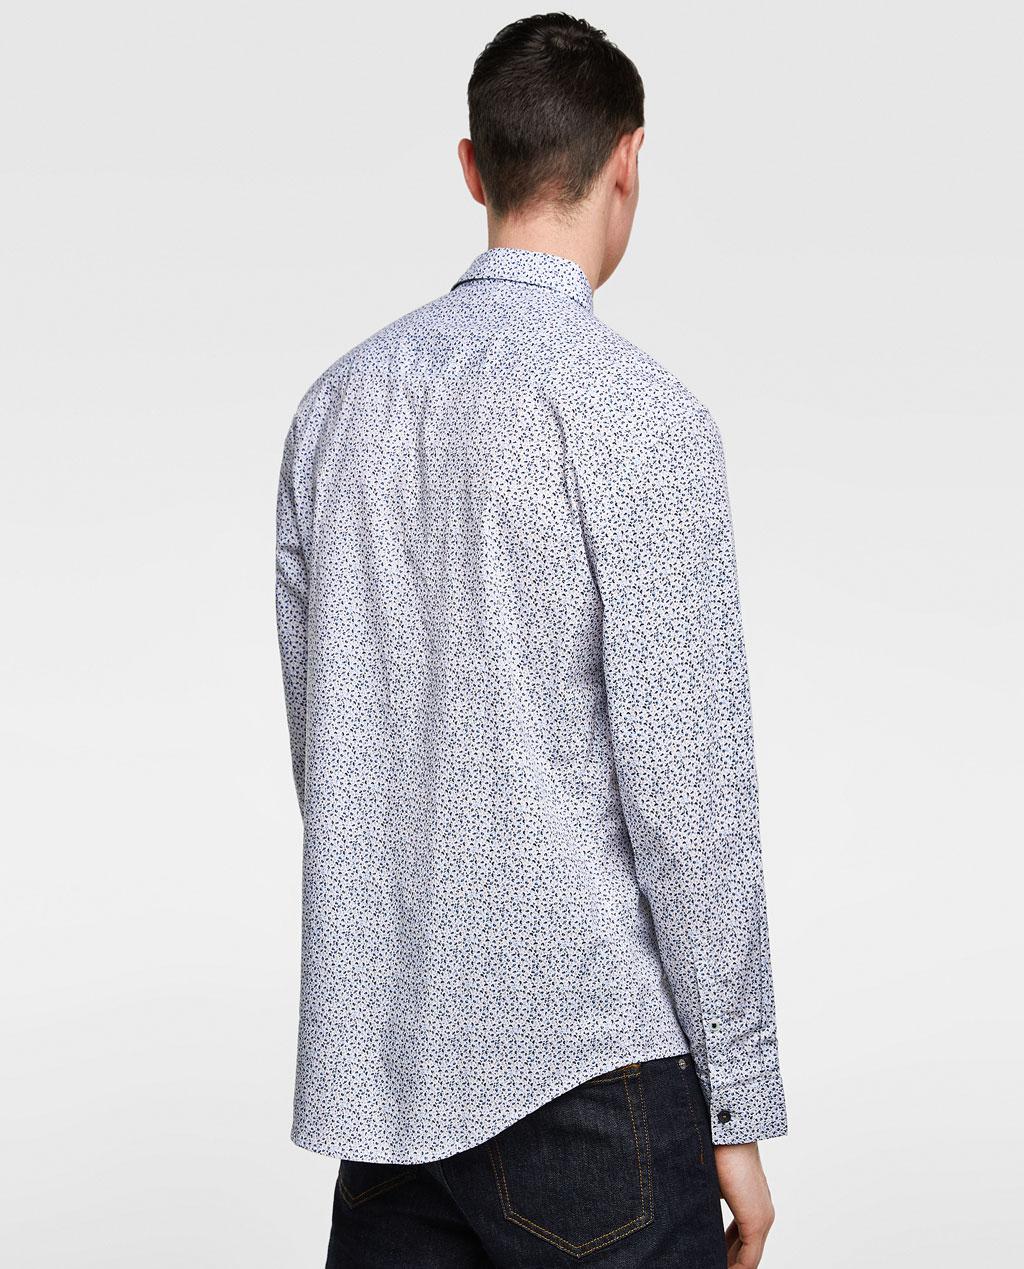 Thời trang nam Zara  24009 - ảnh 6